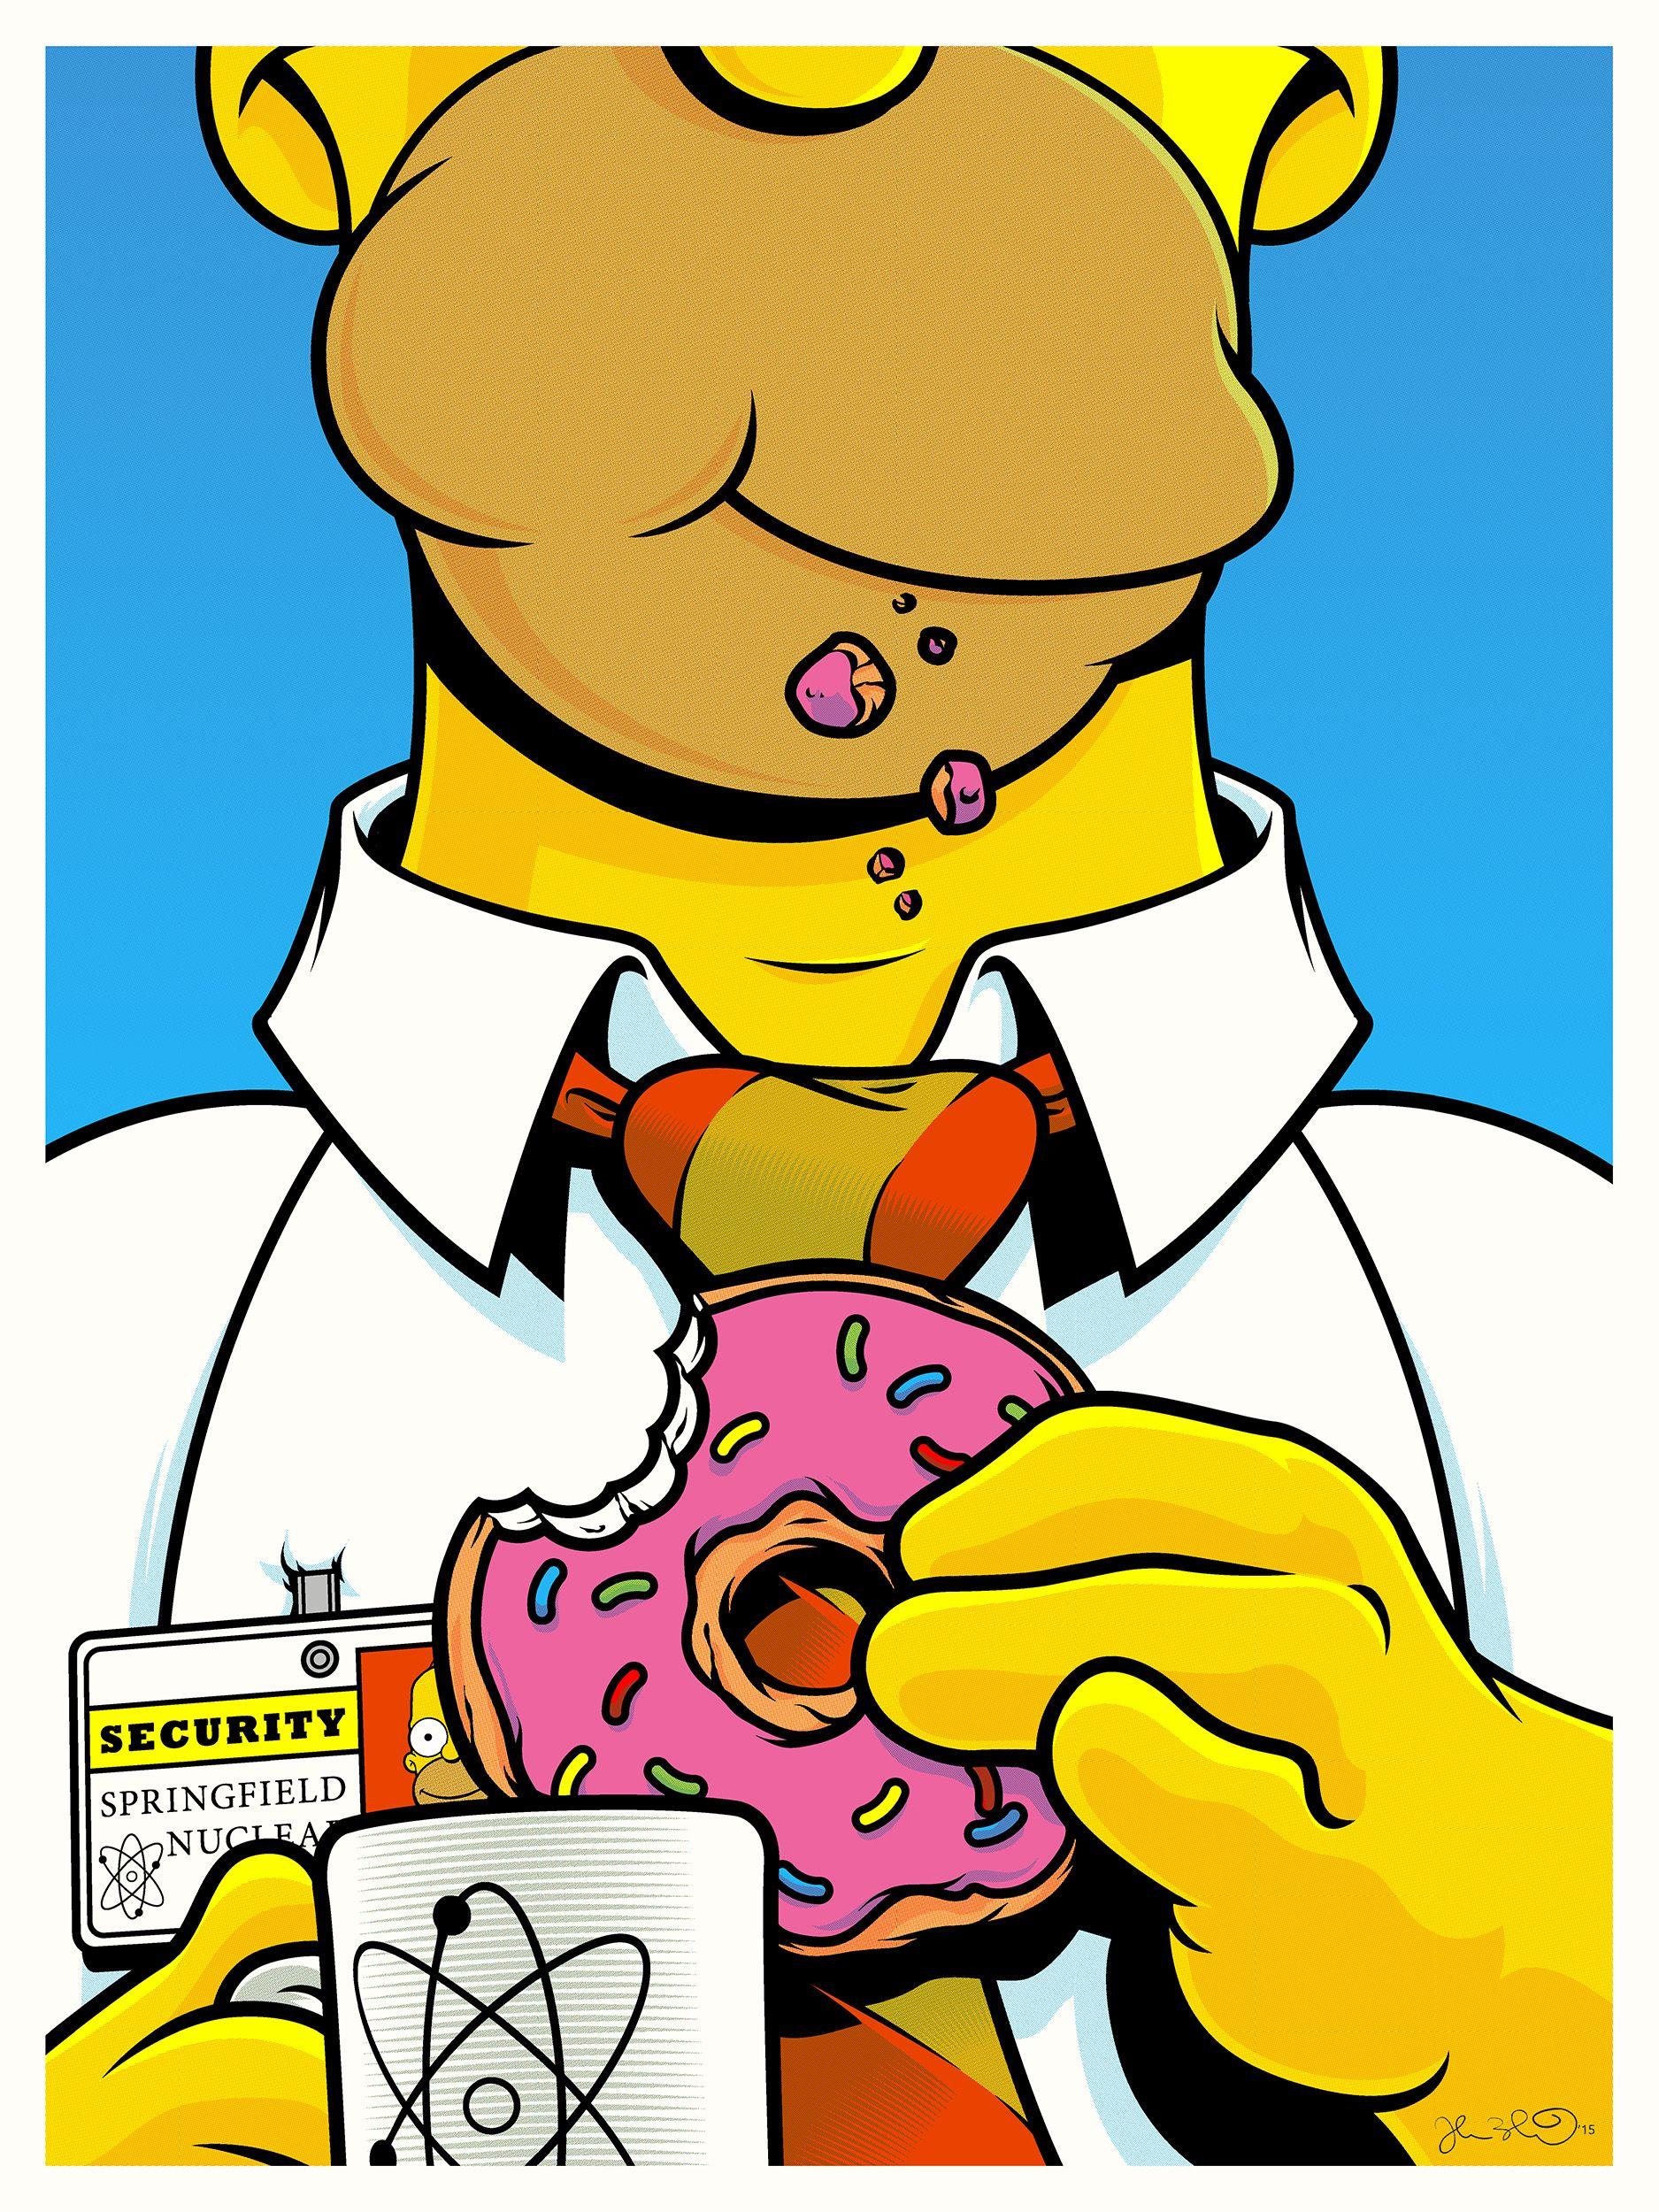 Pop Art Homer Simpson - HD Wallpaper